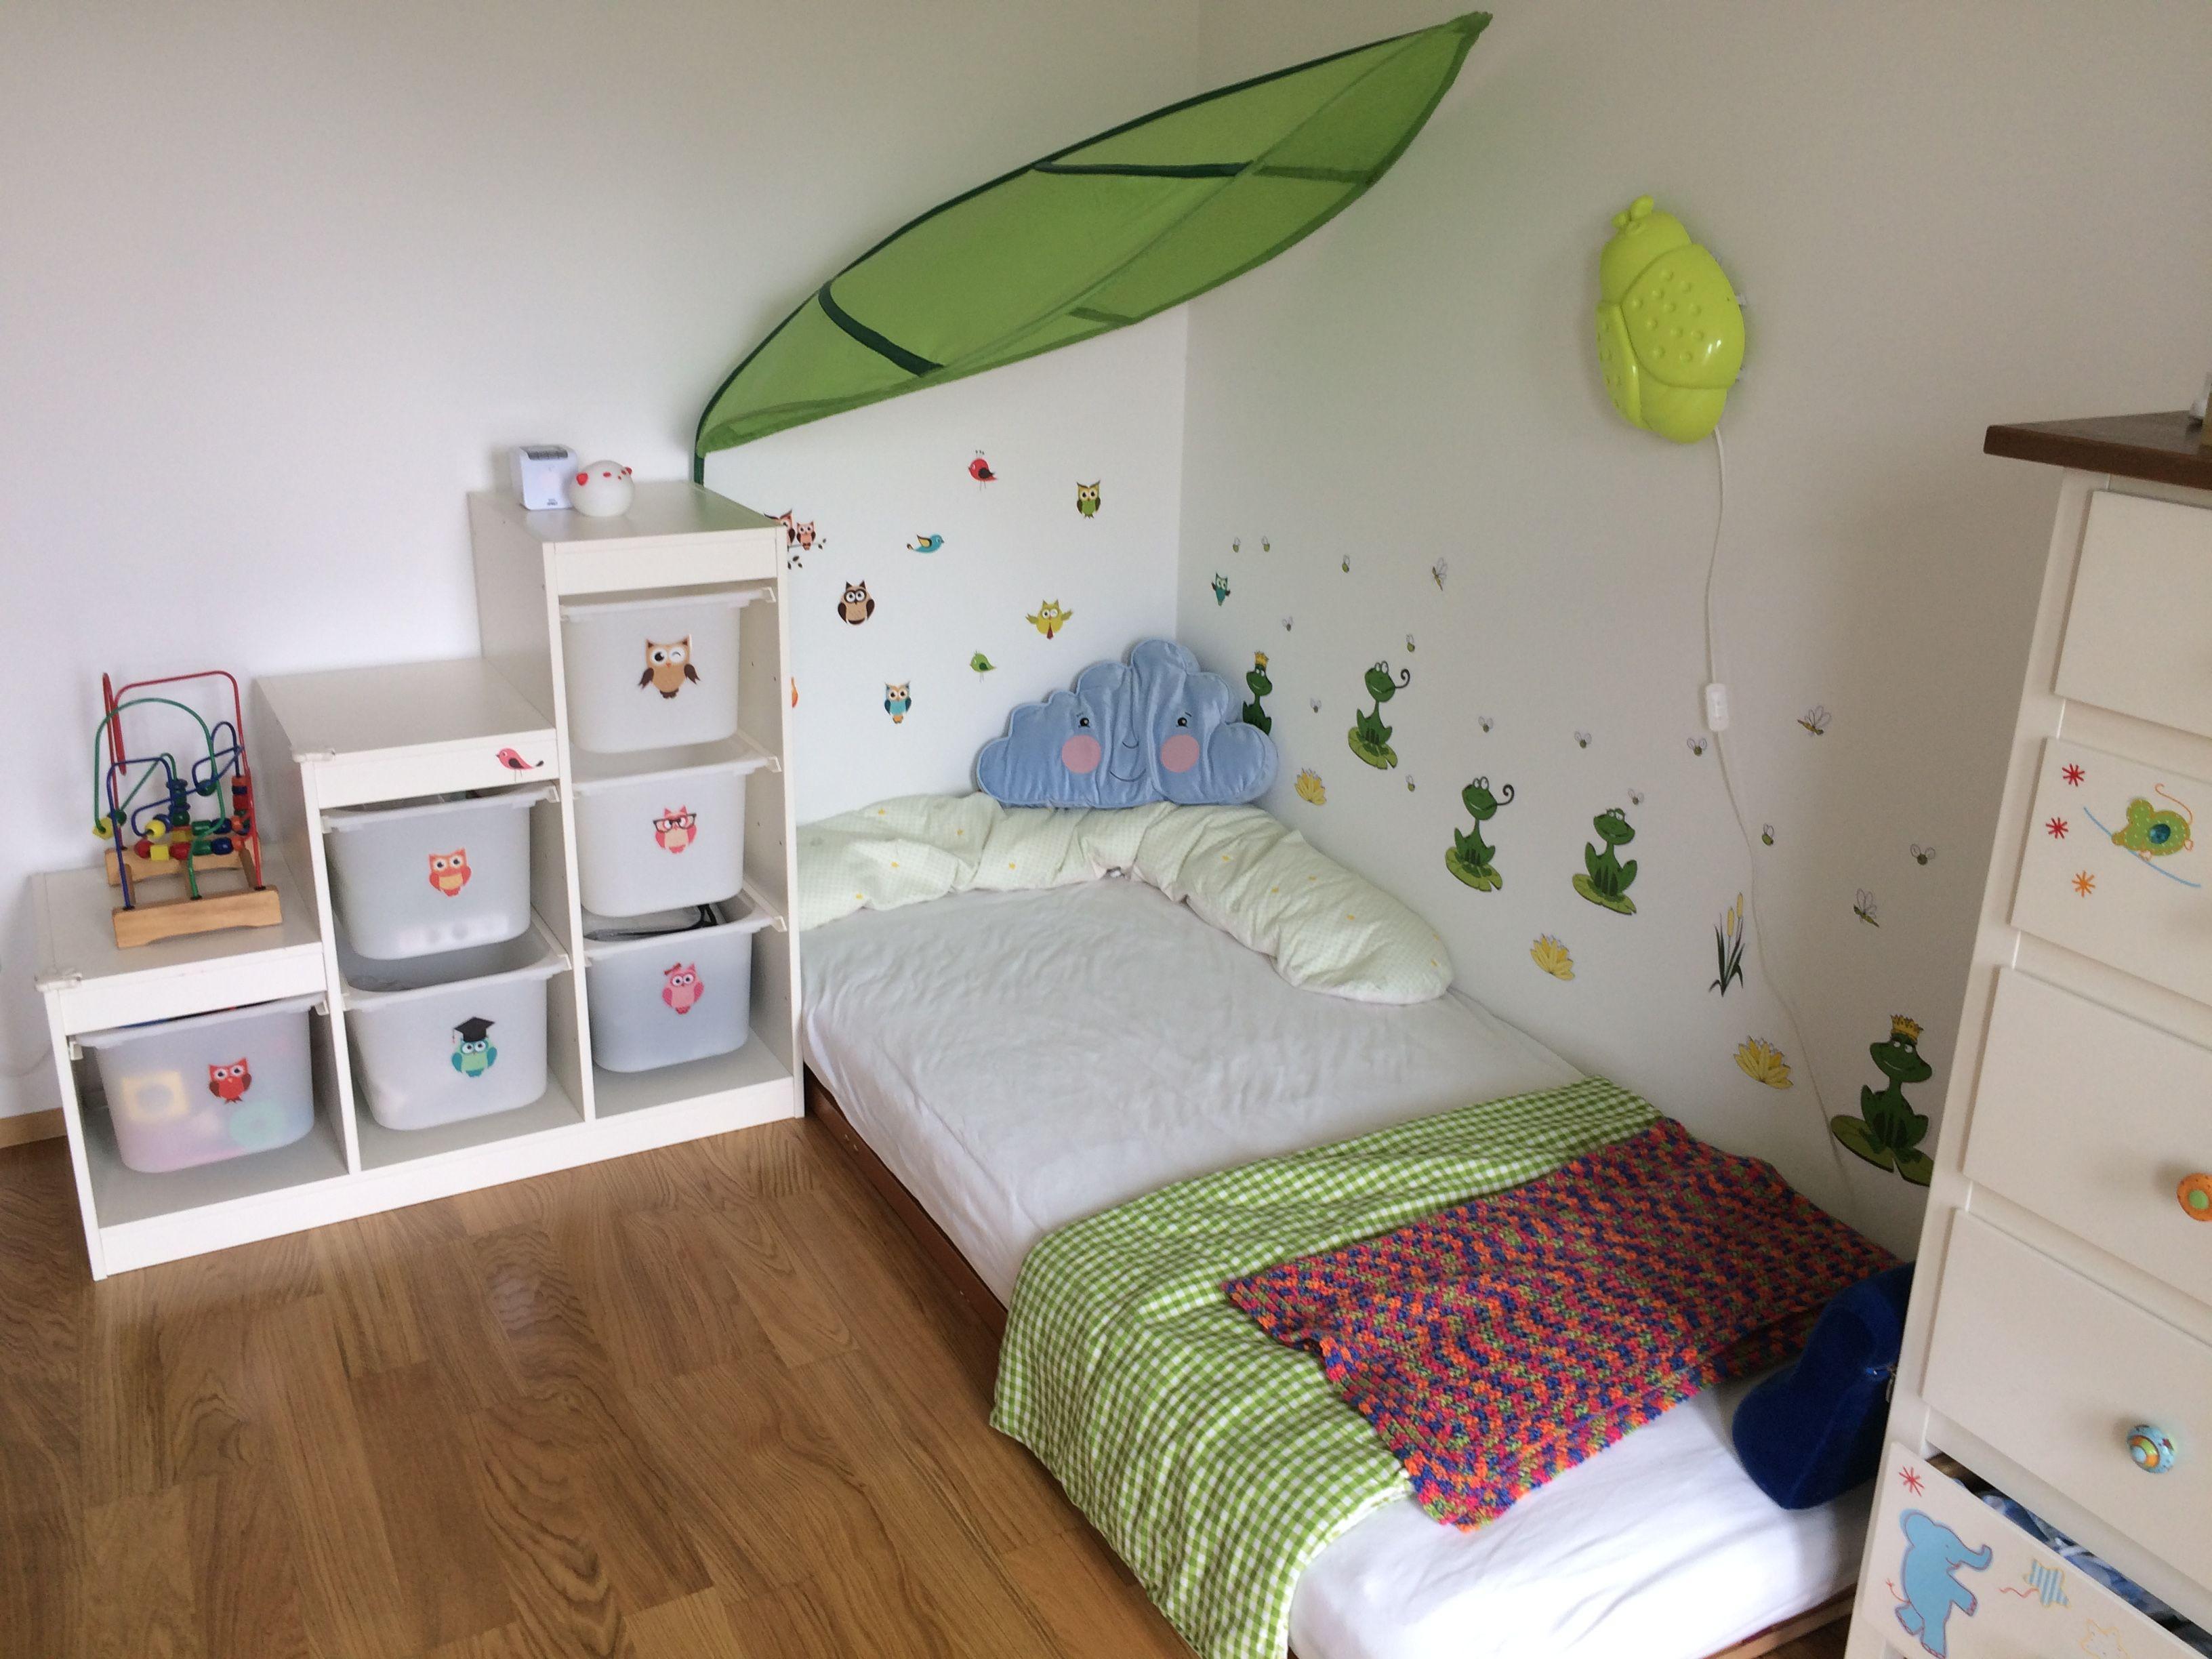 Floorbed, Matratzenbett für Kleinkind kinderzimmer